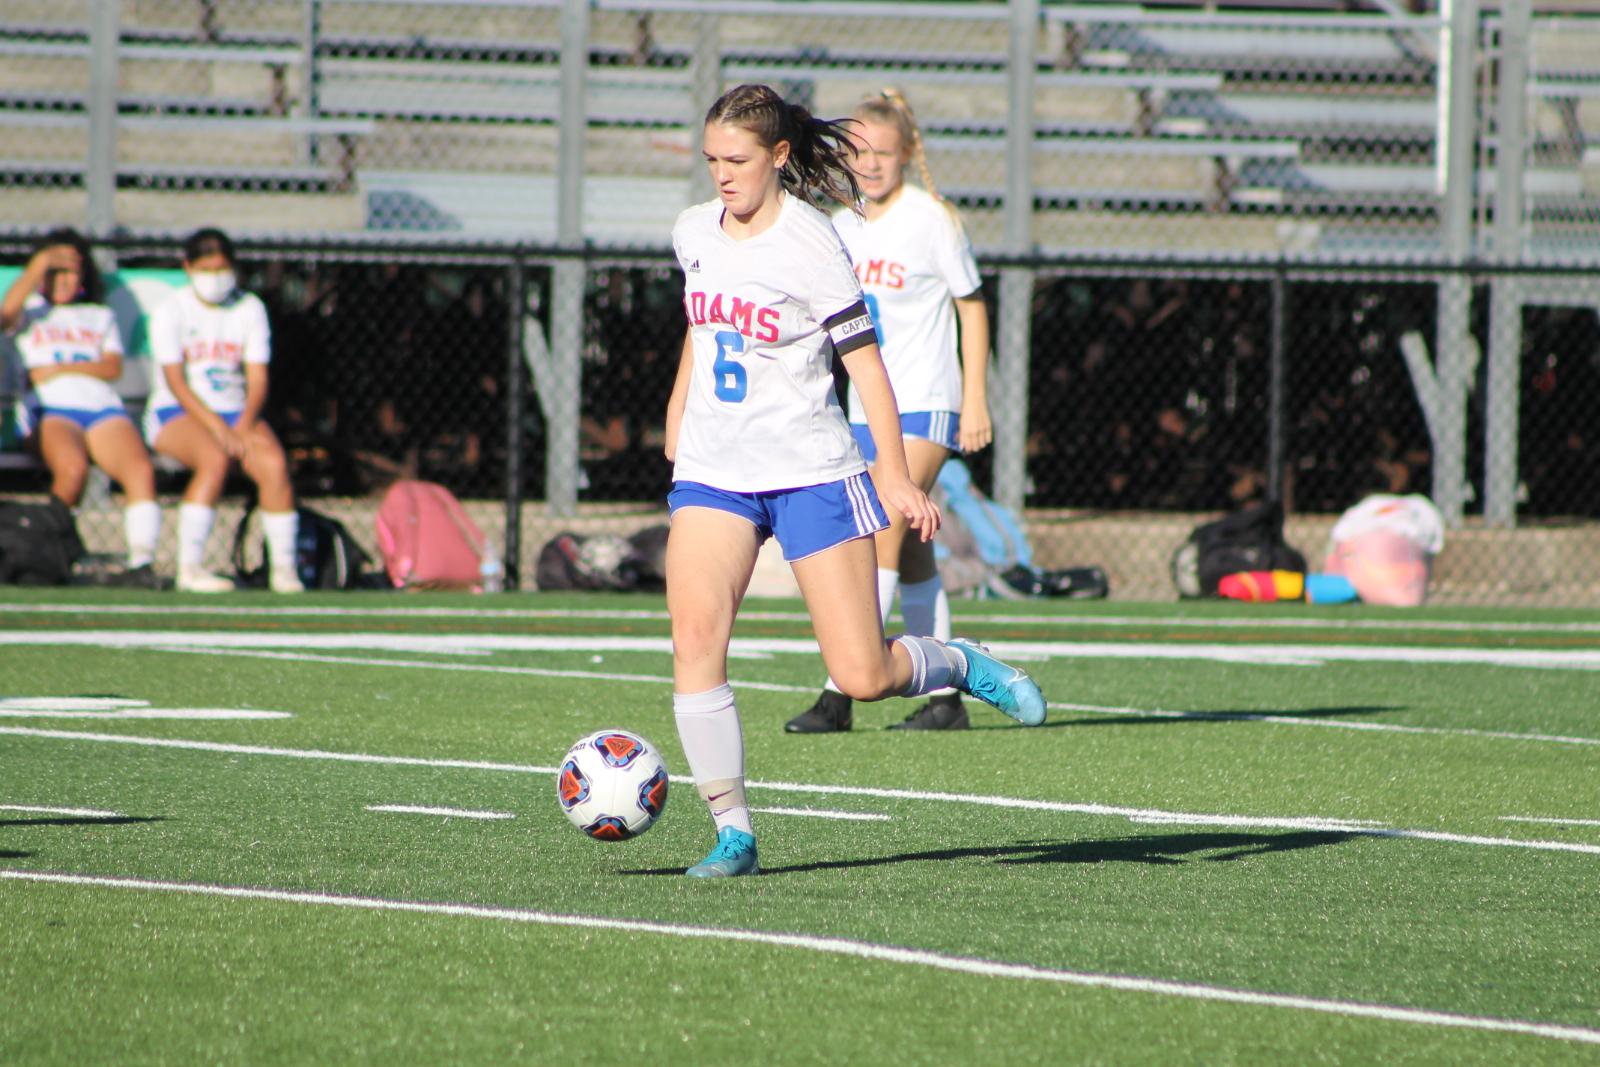 Girls Soccer Sectional vs SB Riley (Oct 8)